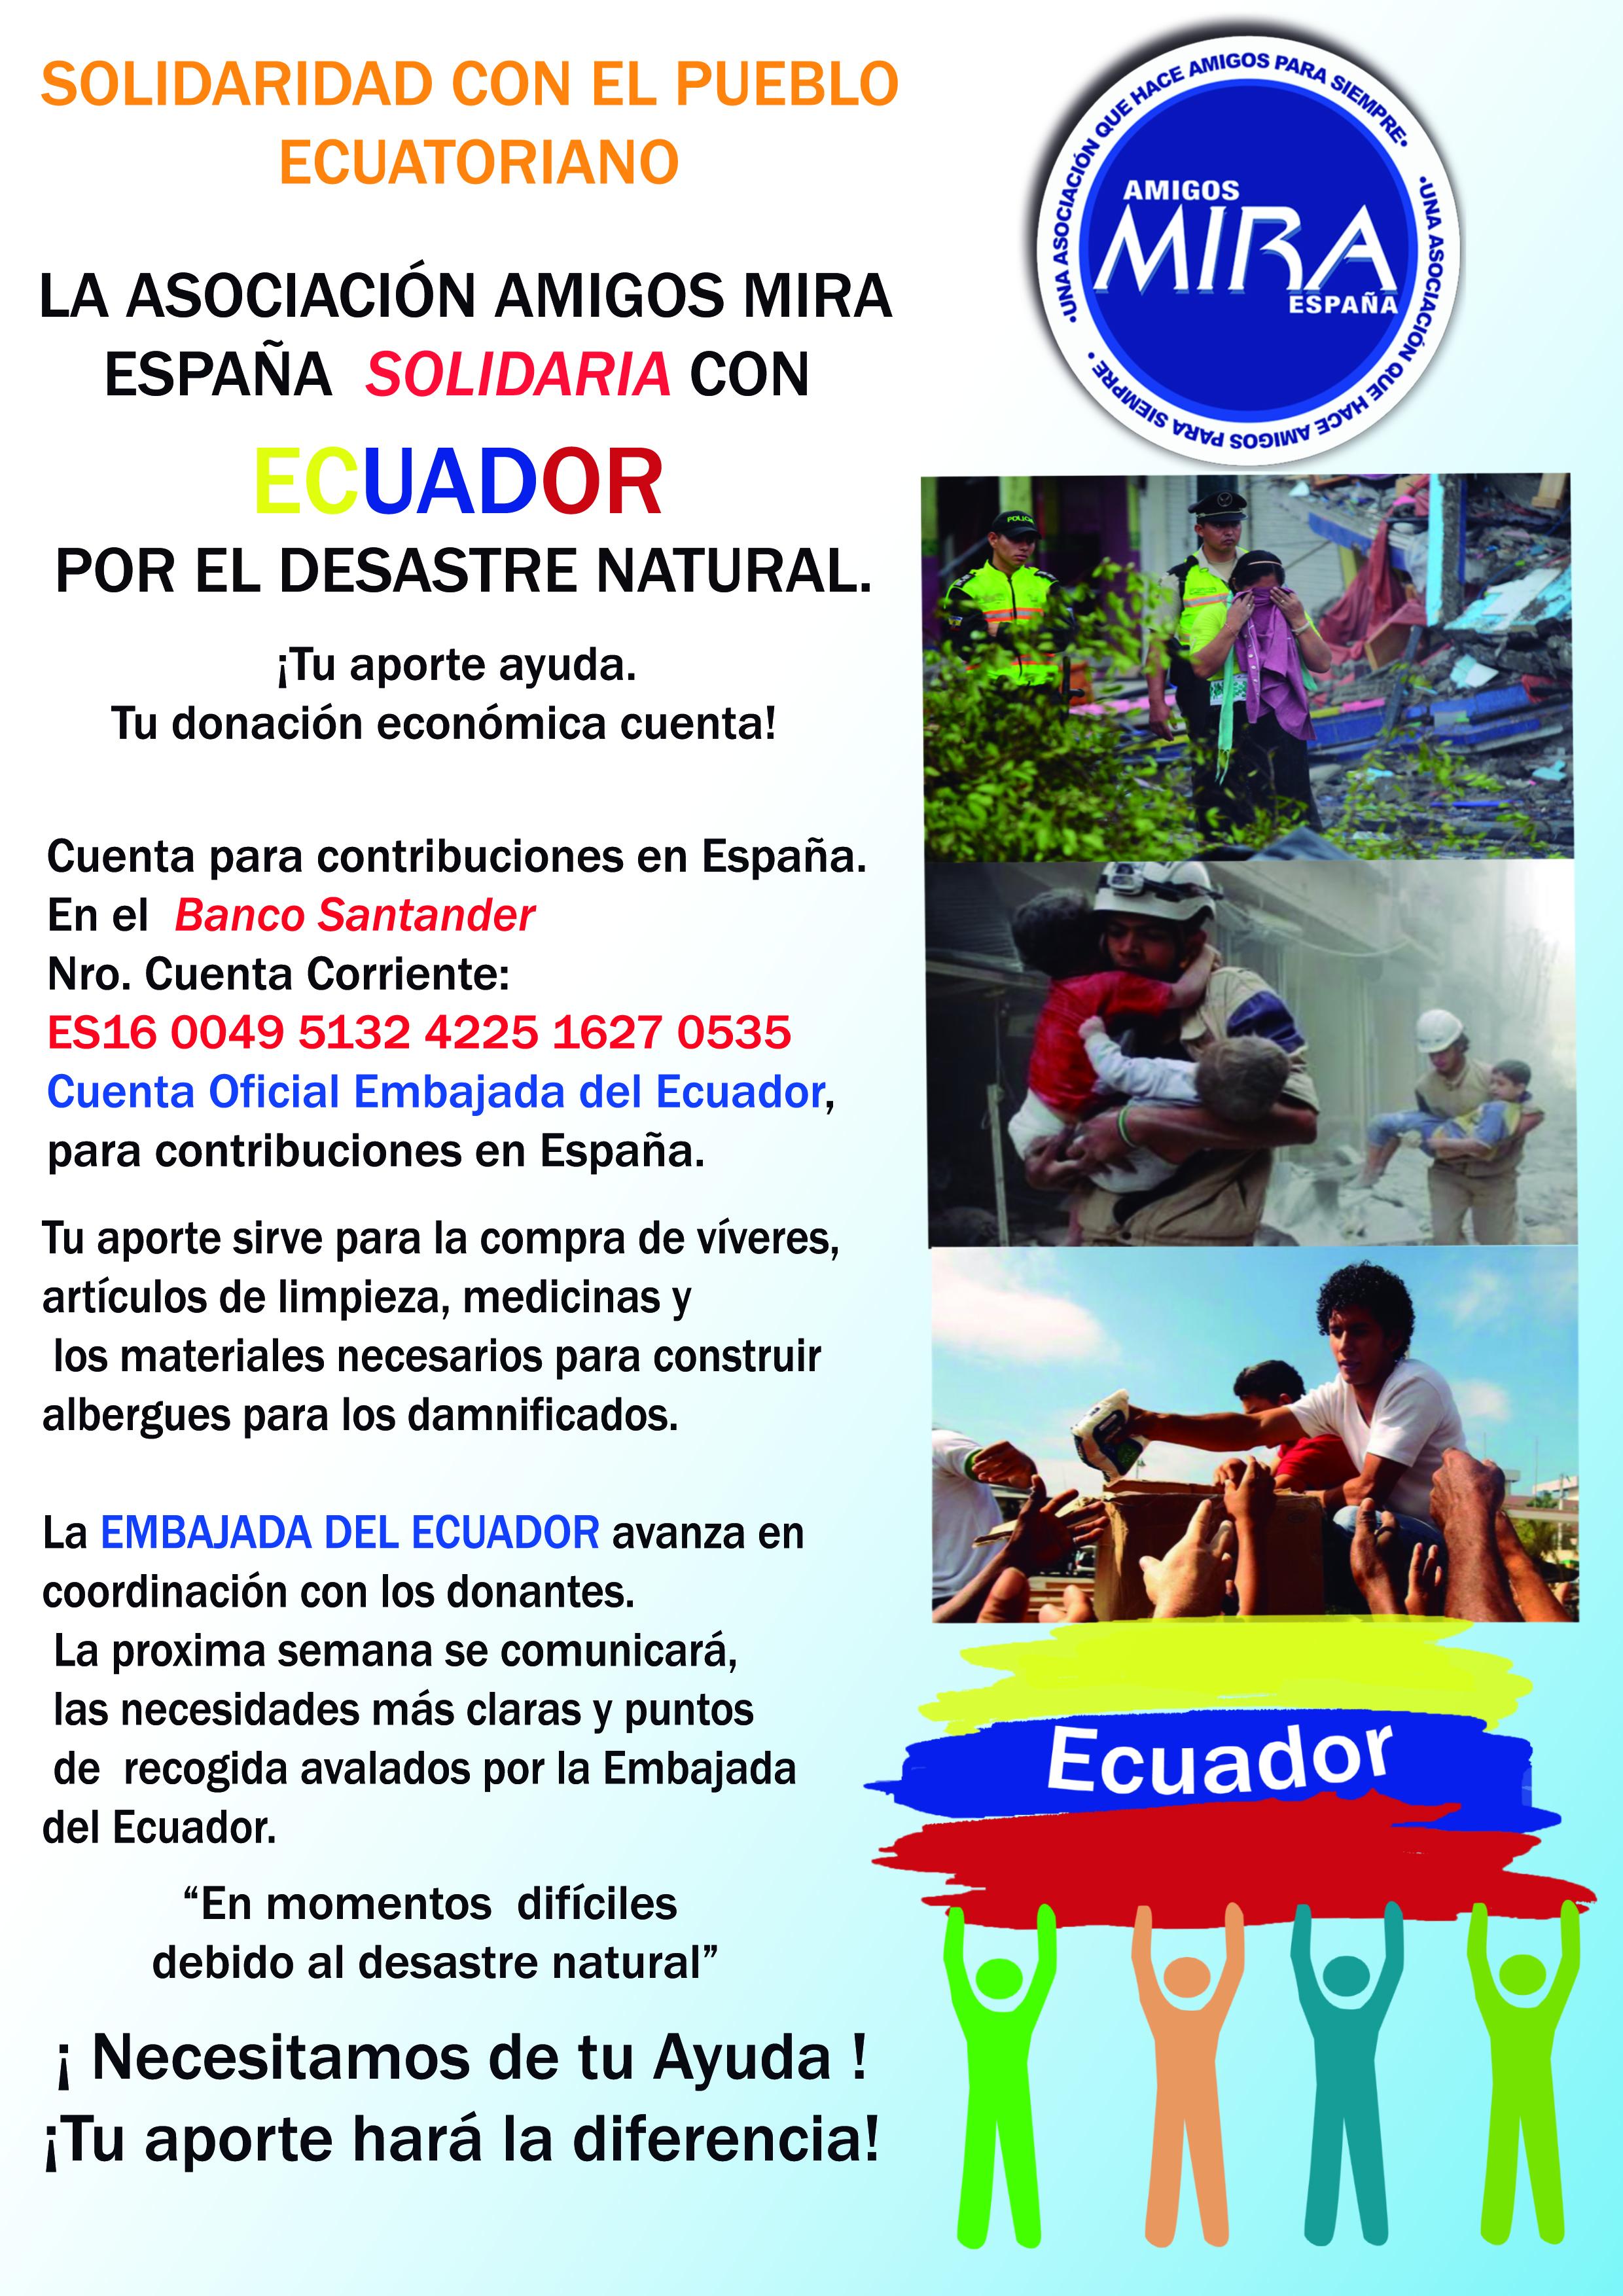 Ecuador ayuda España